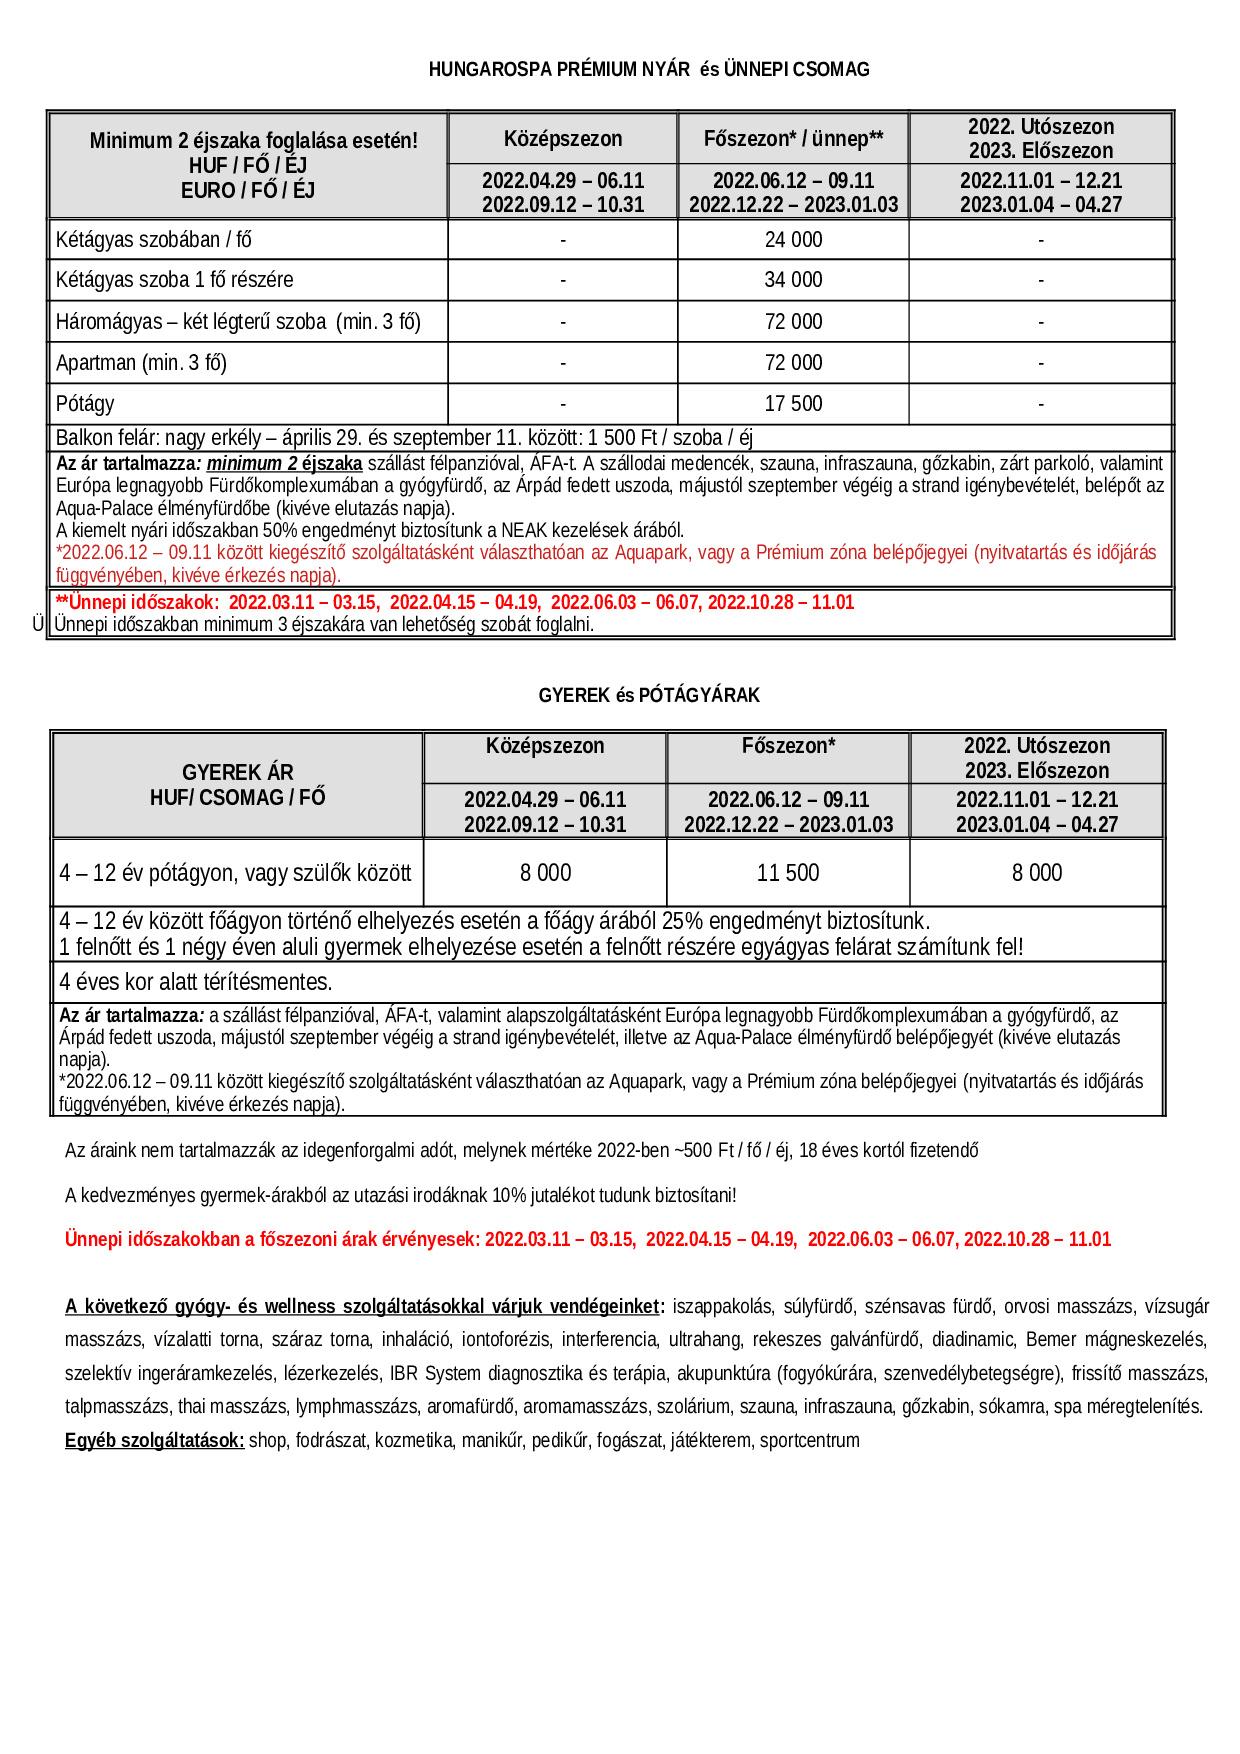 HUF_195161rak_2022_-2